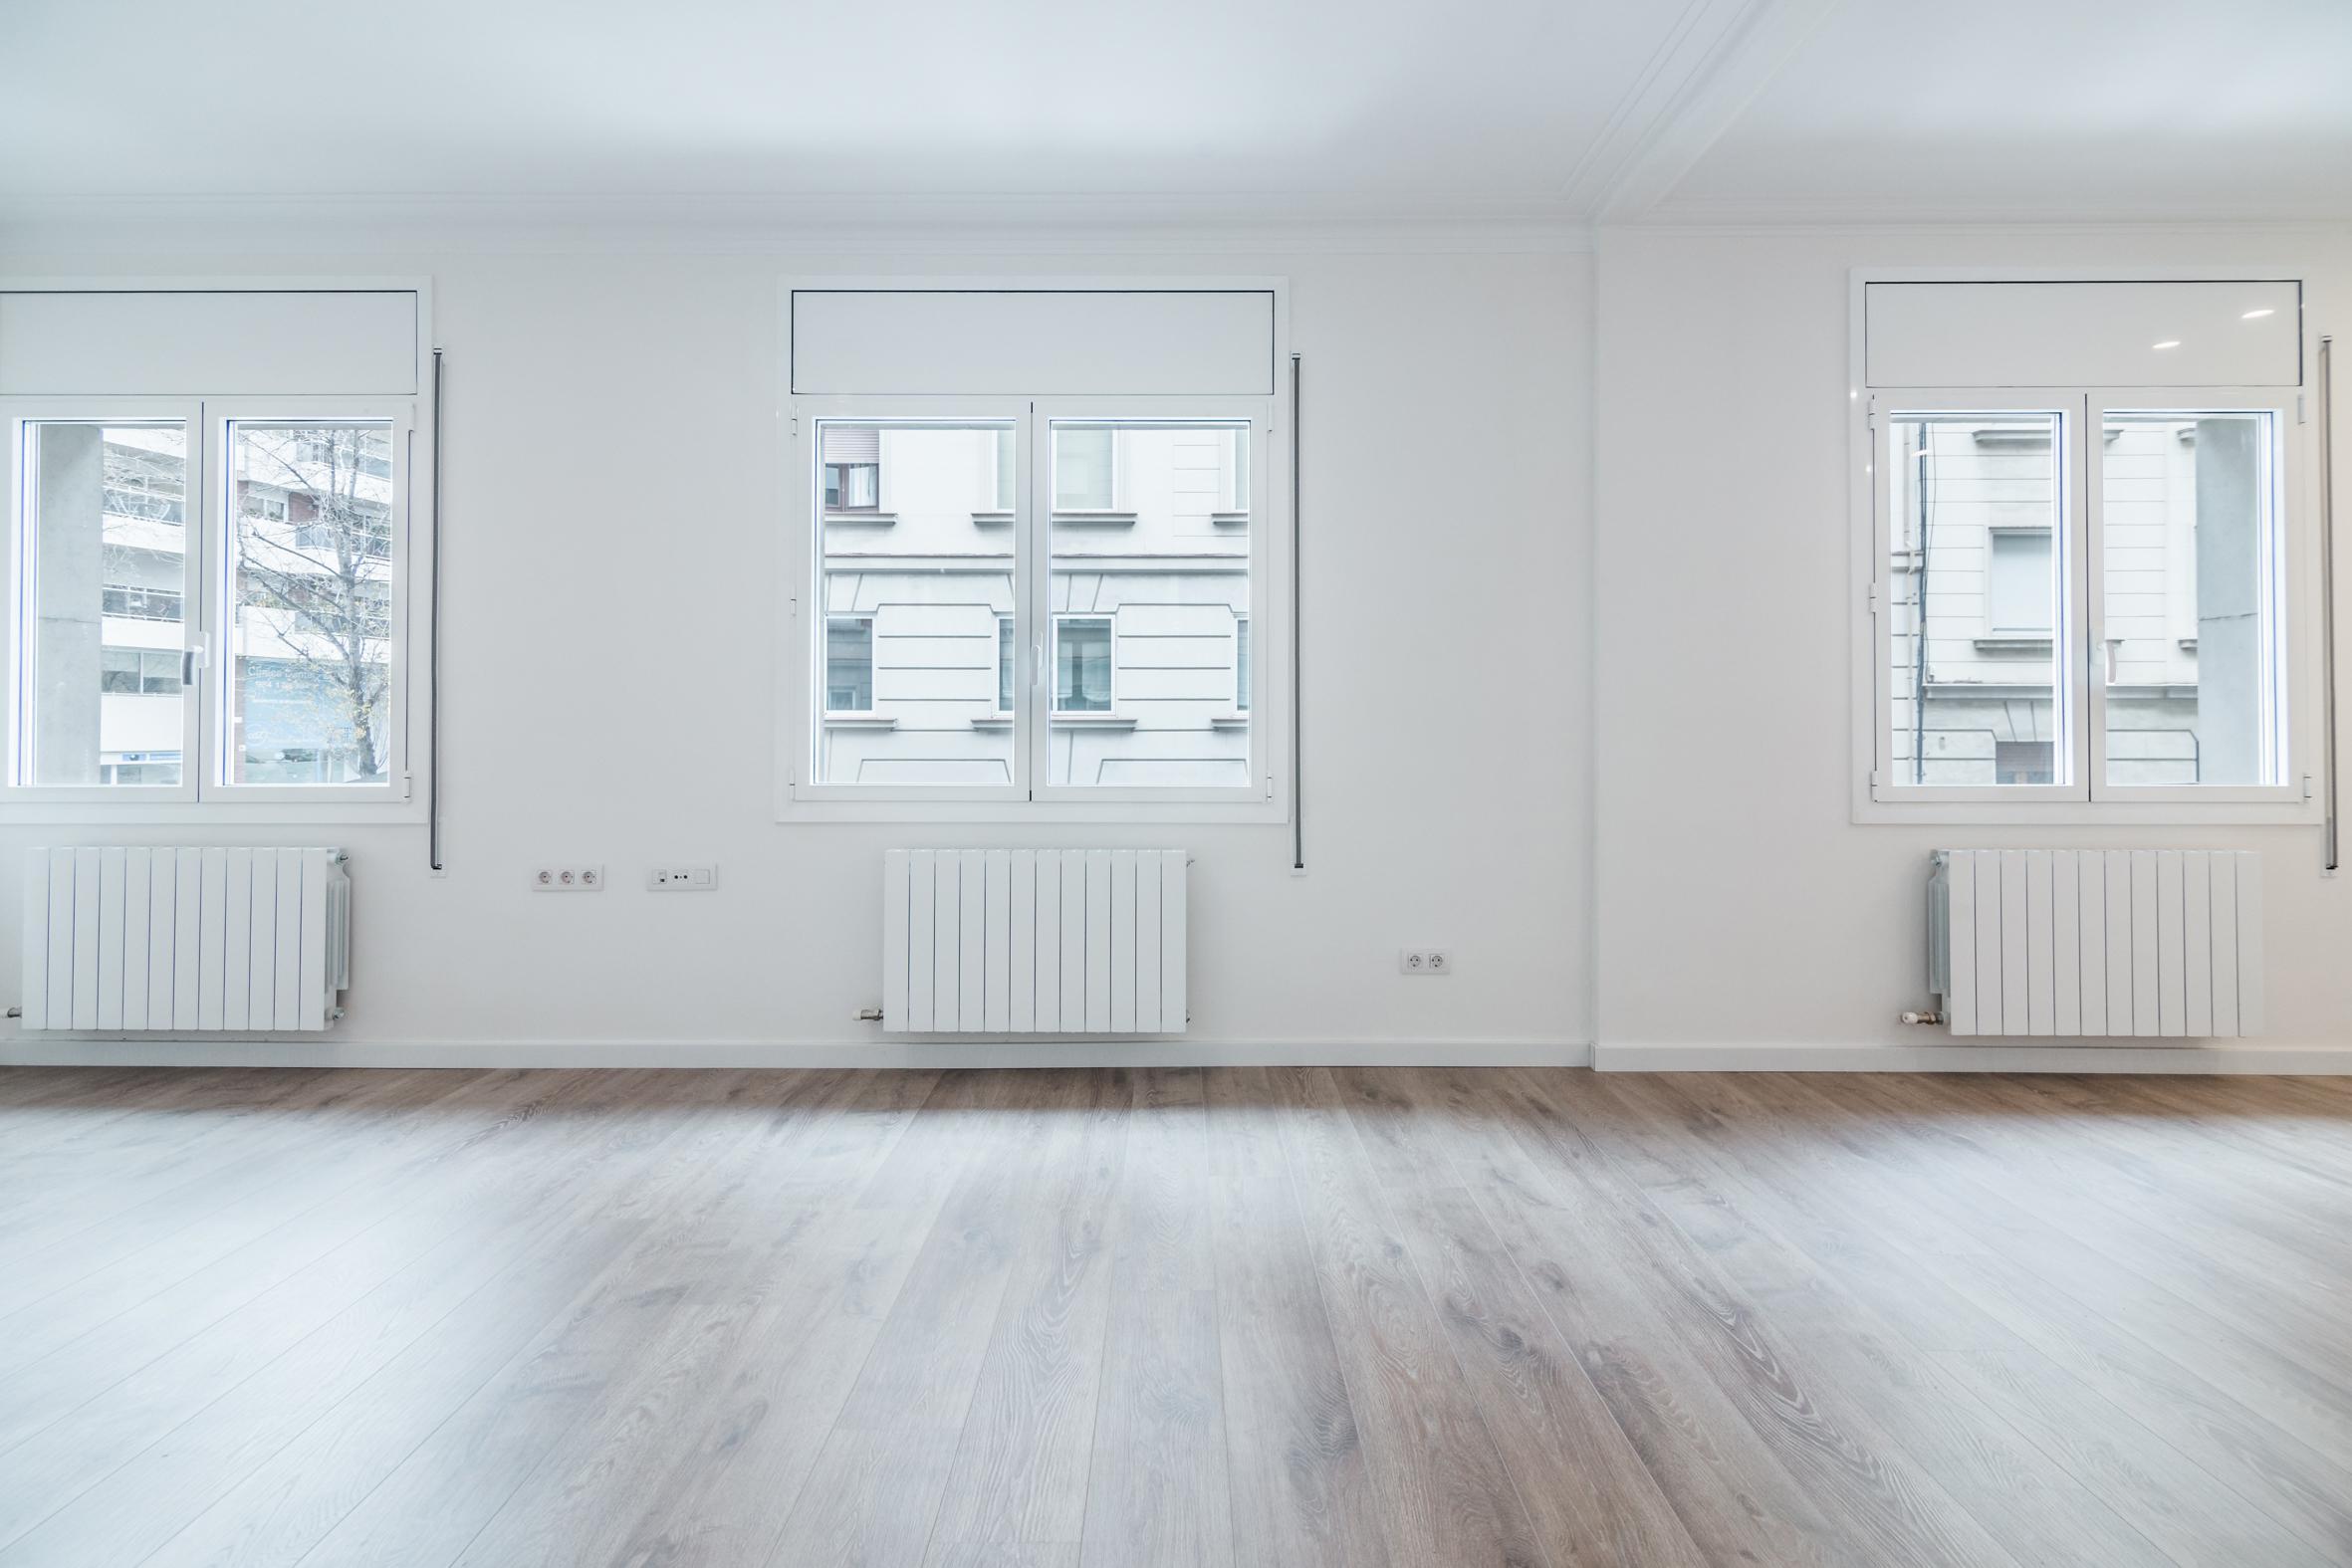 202959 Apartamento en venda en Sarrià-Sant Gervasi, St. Gervasi-Bonanova 11